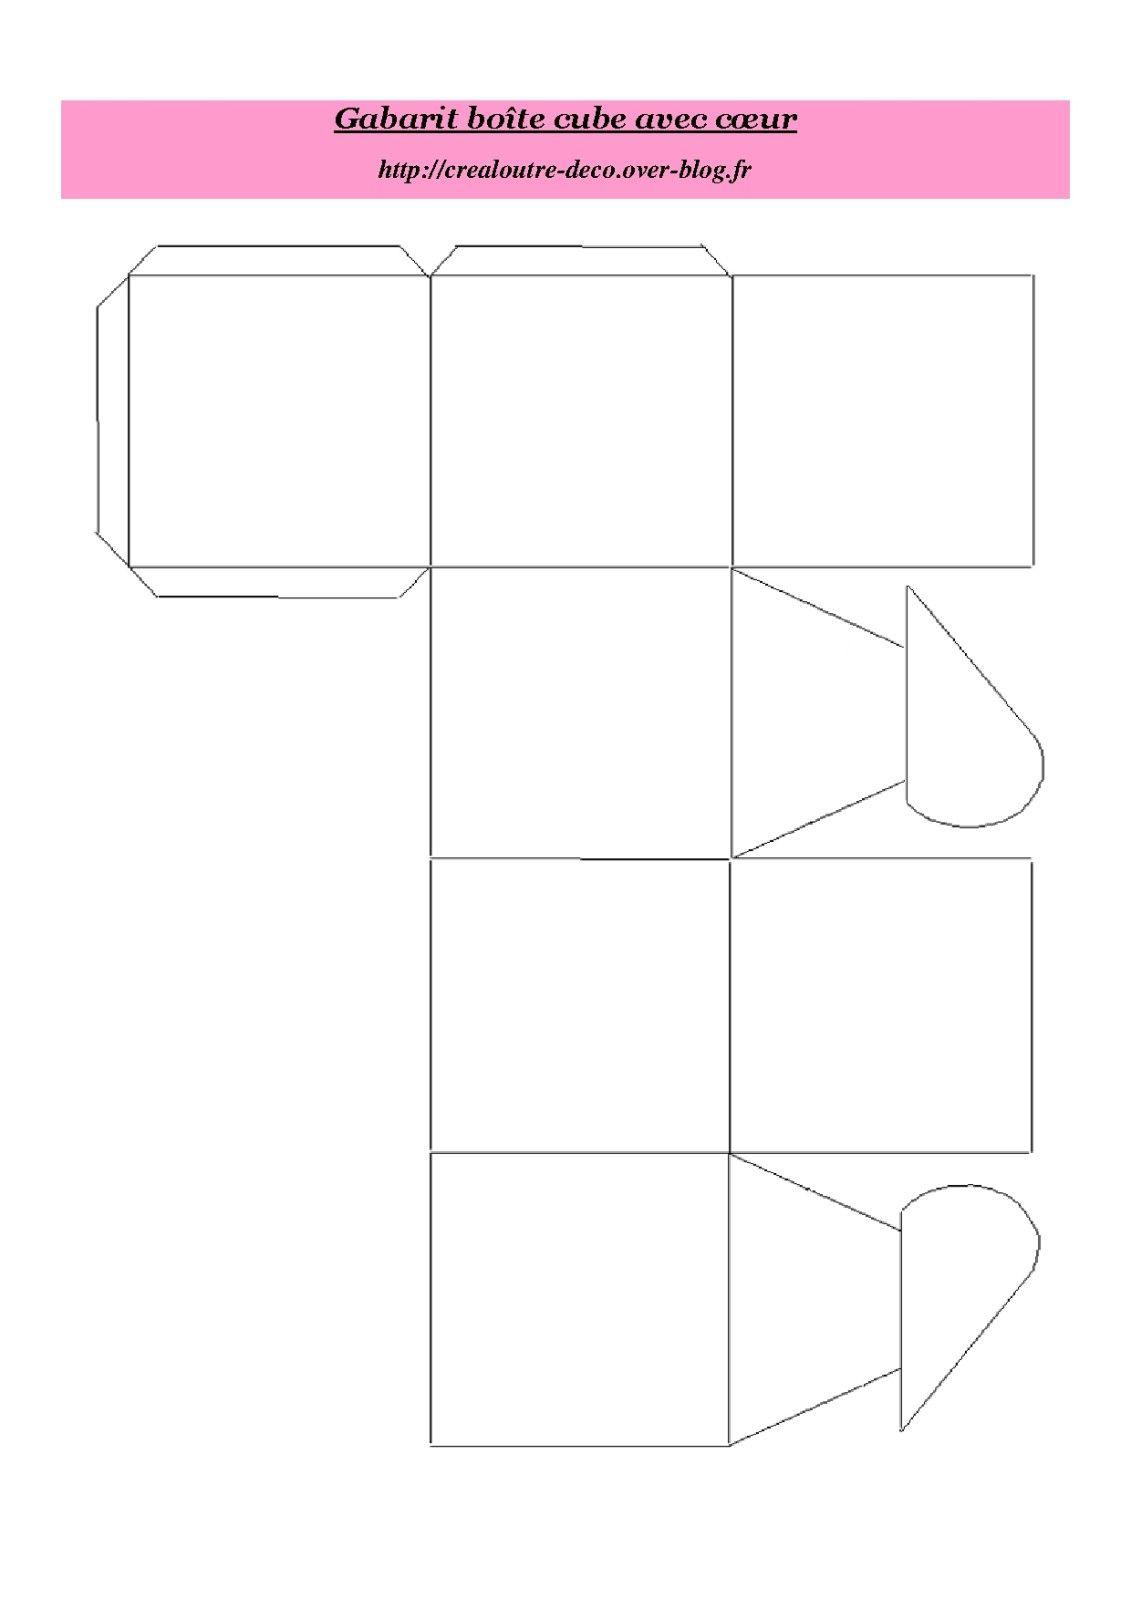 Gabarit boite cube avec 1131 1600 paper pinterest gabarit loisirs cr atifs et - Gabarit boite en papier ...